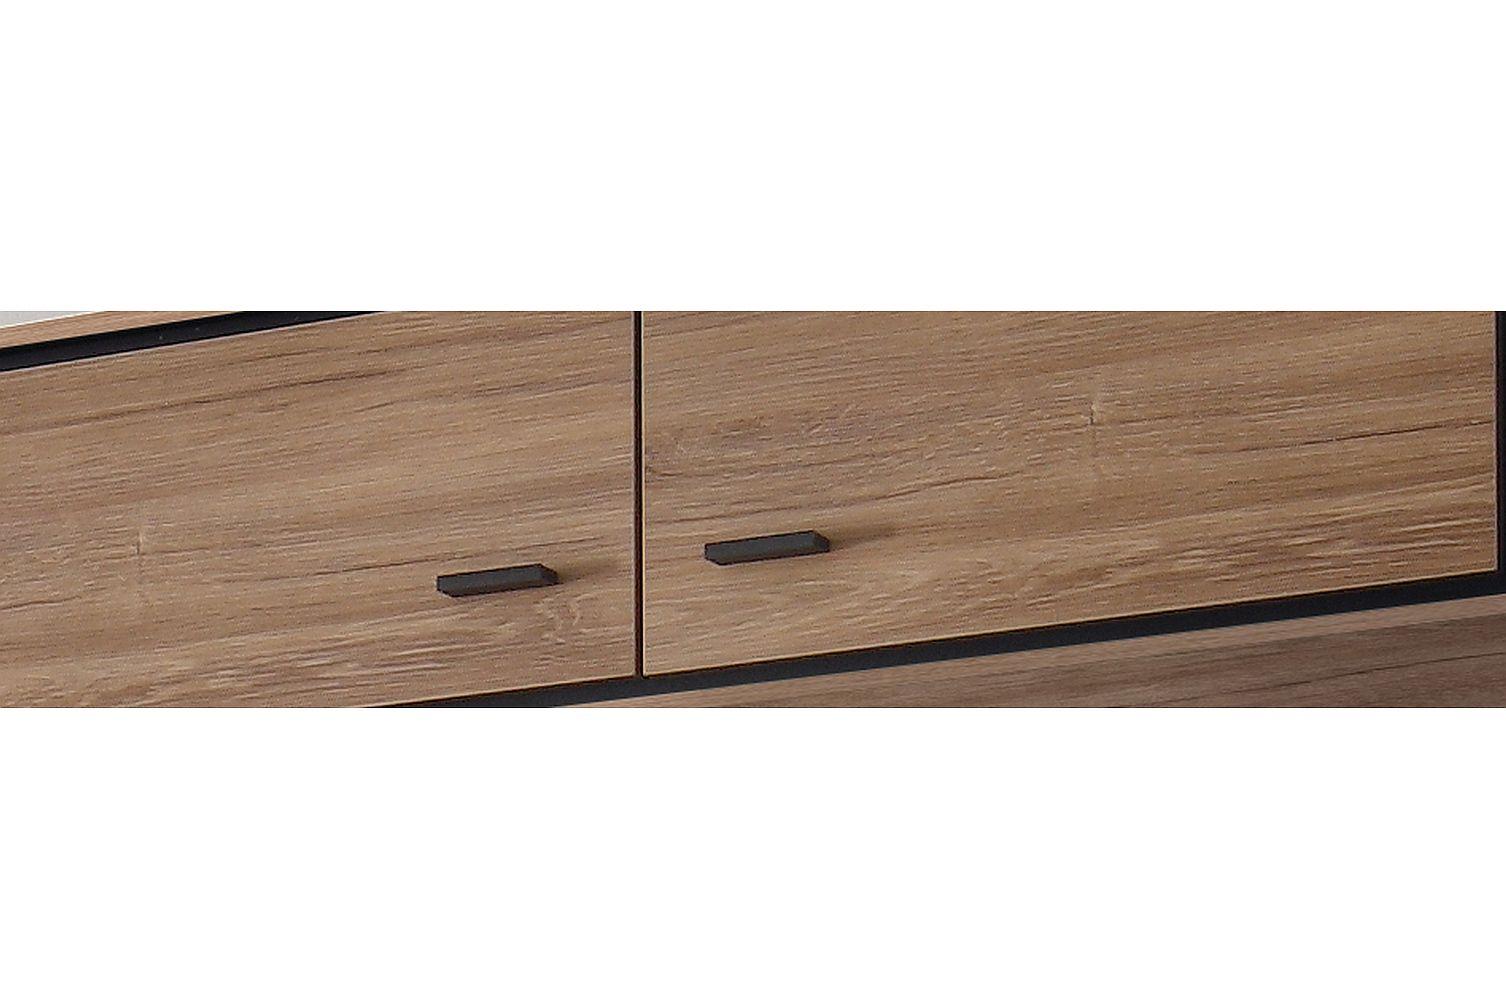 Salinas Hängeschrank 0644/2 stirling oak/schwarz matt